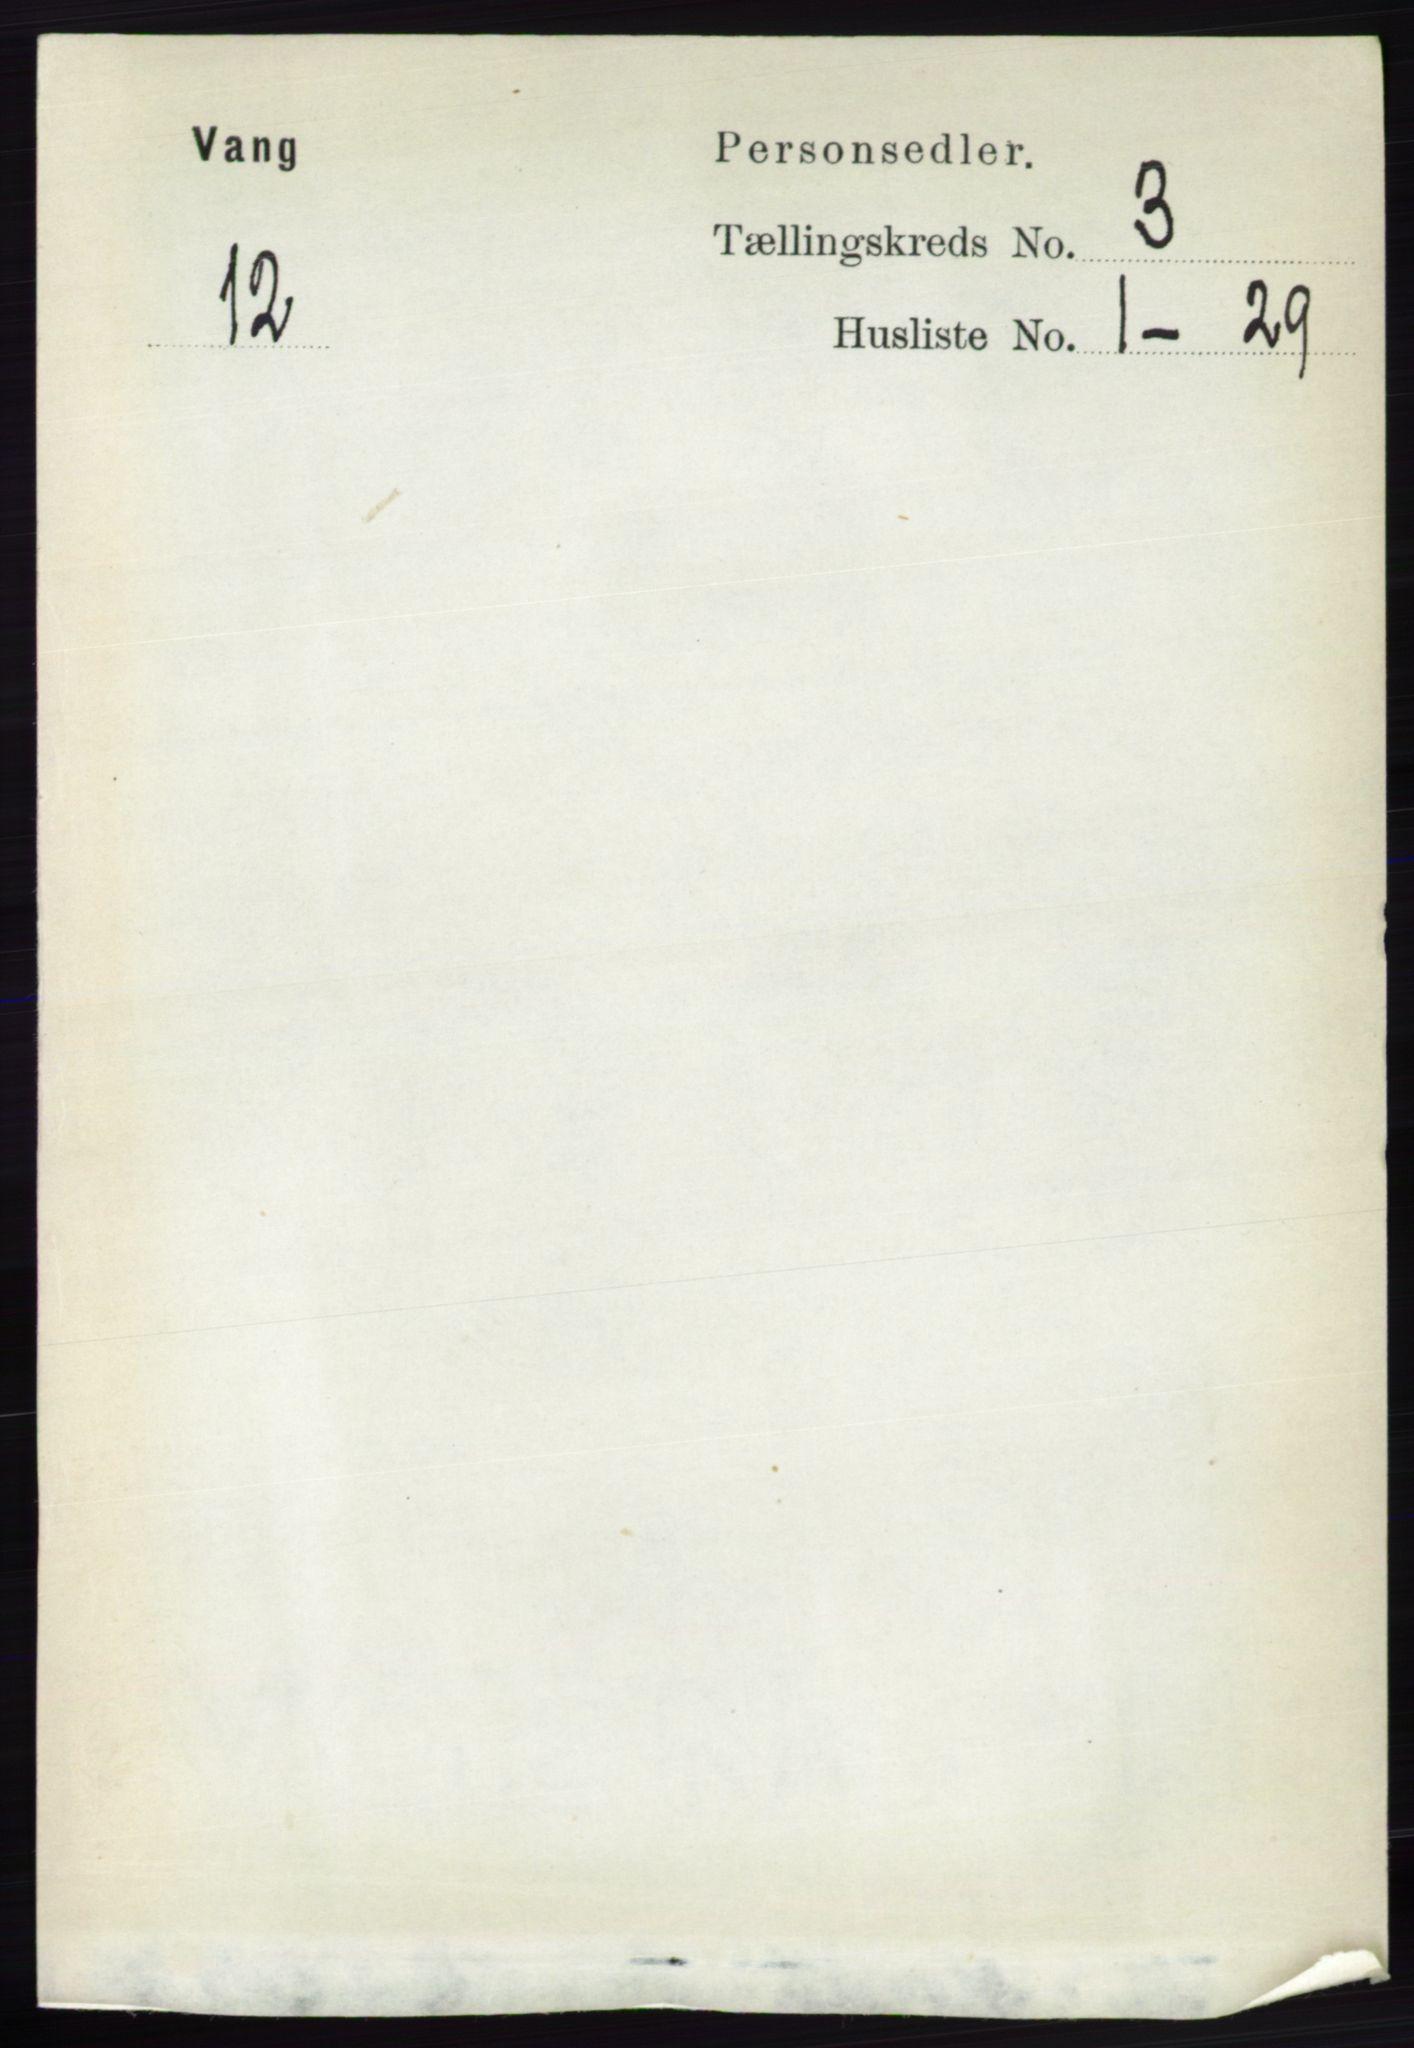 RA, Folketelling 1891 for 0414 Vang herred, 1891, s. 1892